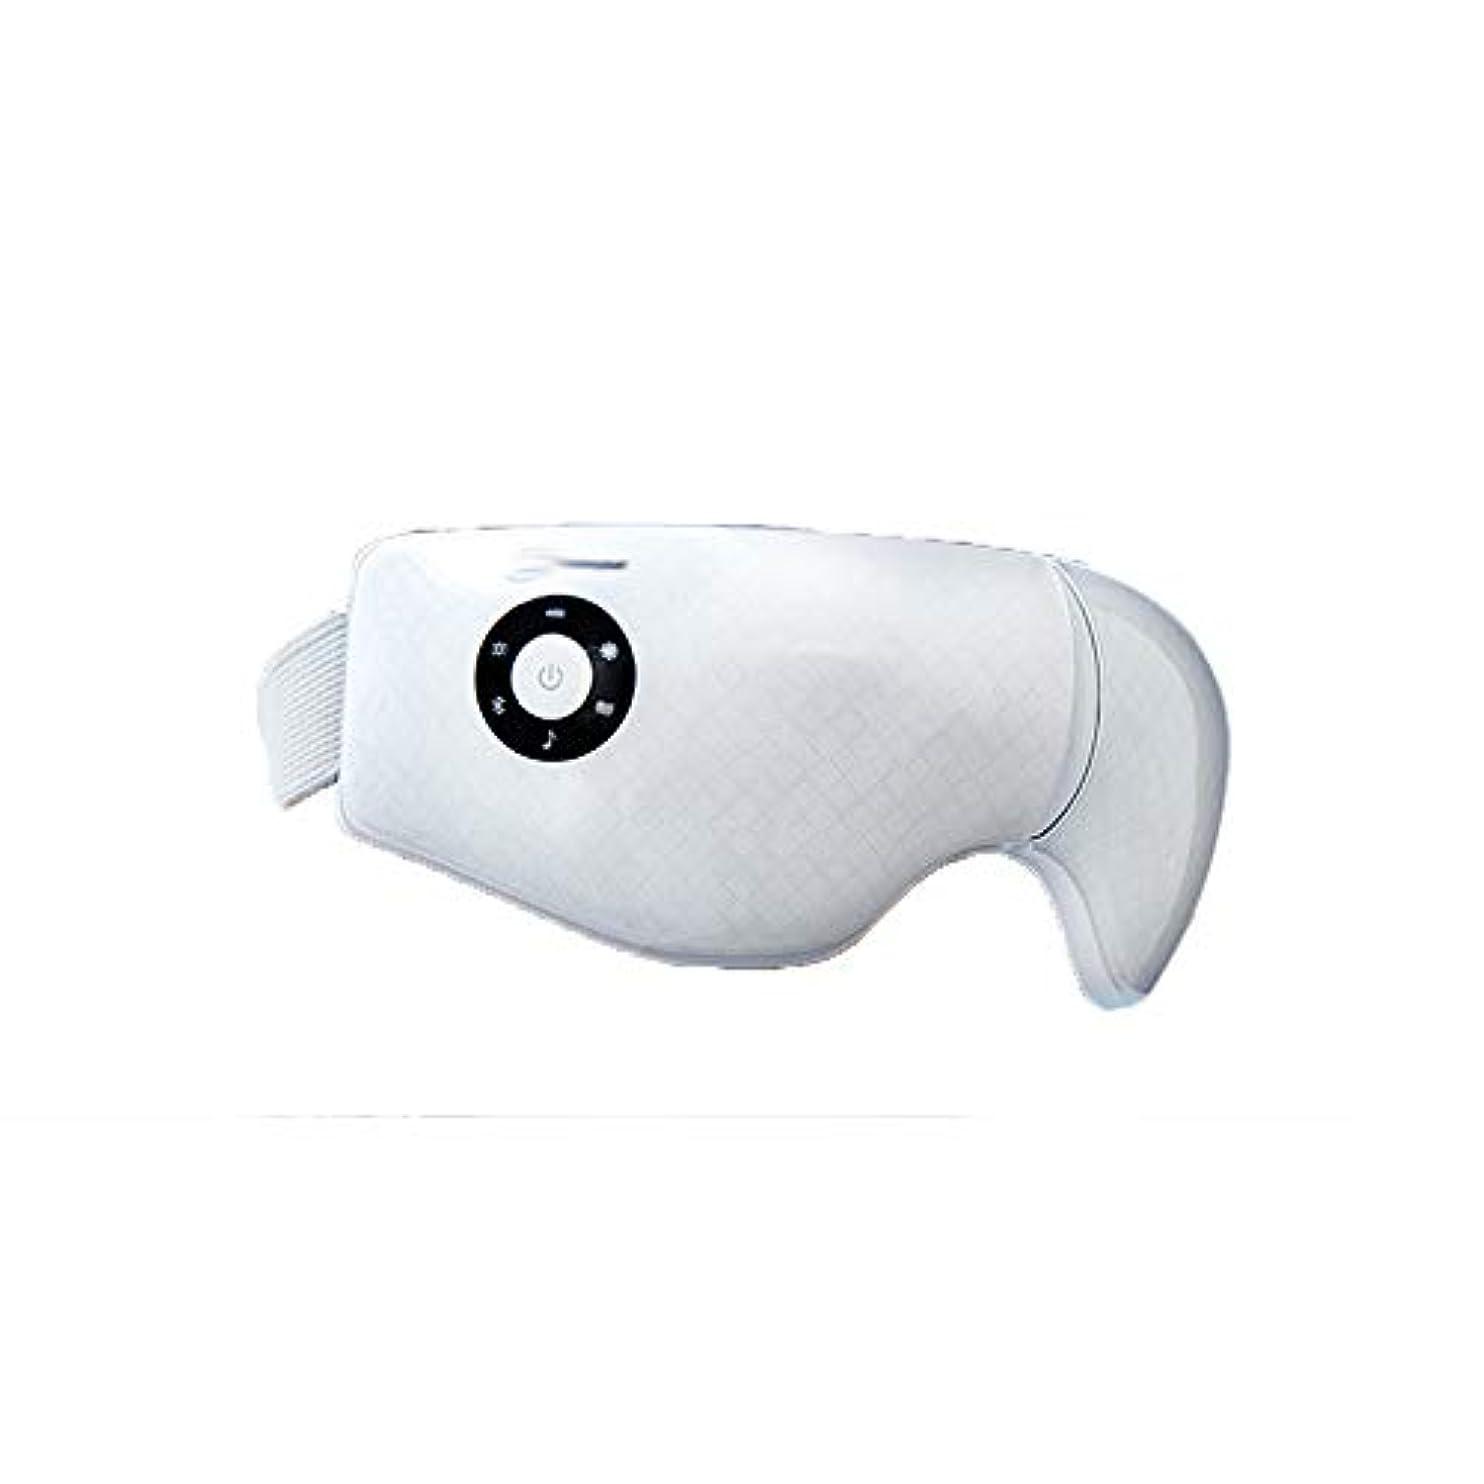 小康一過性エクステントマッサージャー - マッサージャーは、黒丸を回復するために近視をホット圧縮します (色 : 白)